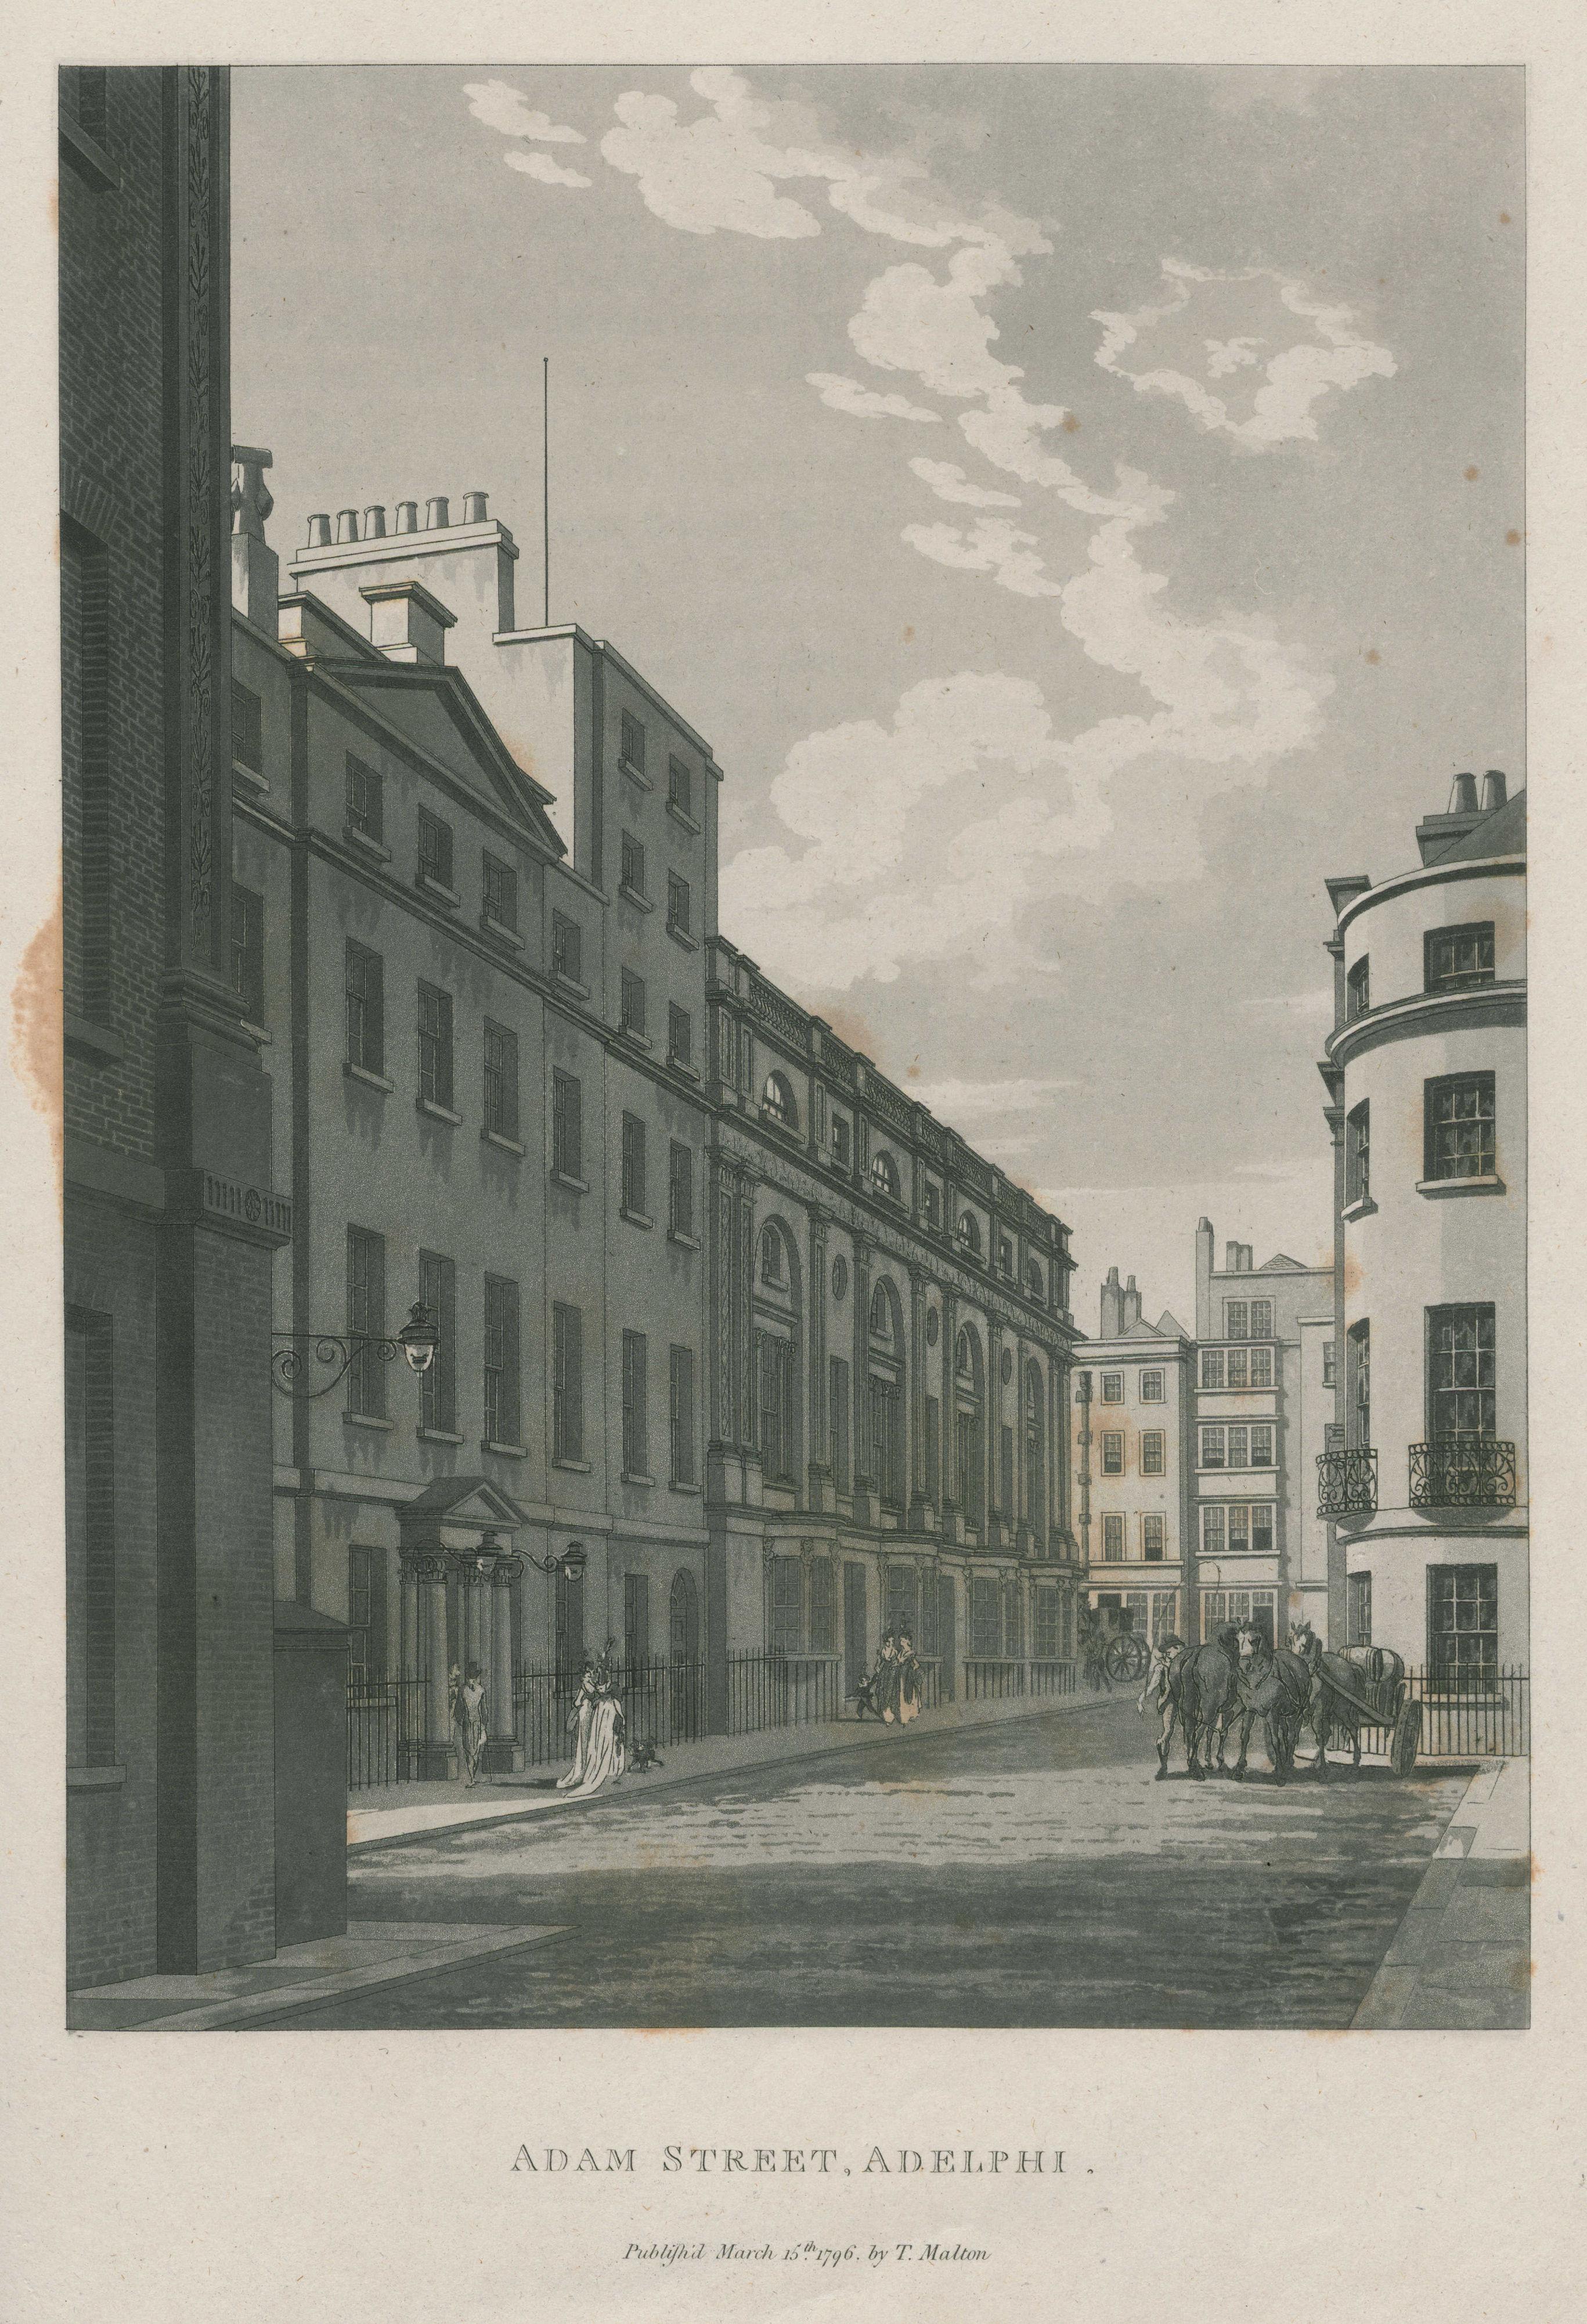 032 - Malton - Adam Street, Adelphi